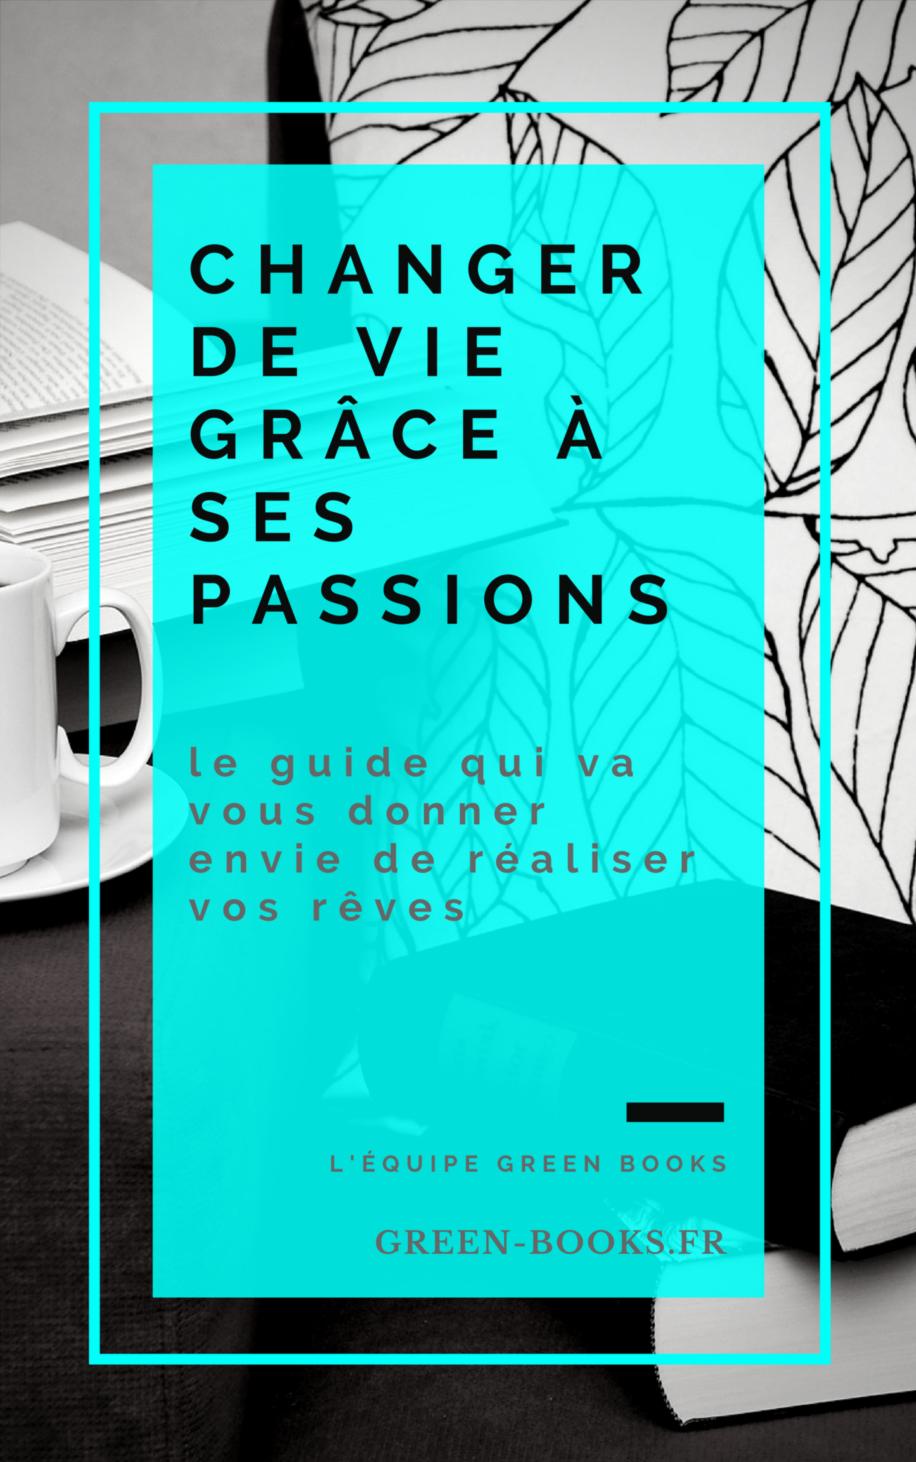 Changer de vie grâce à ses passions